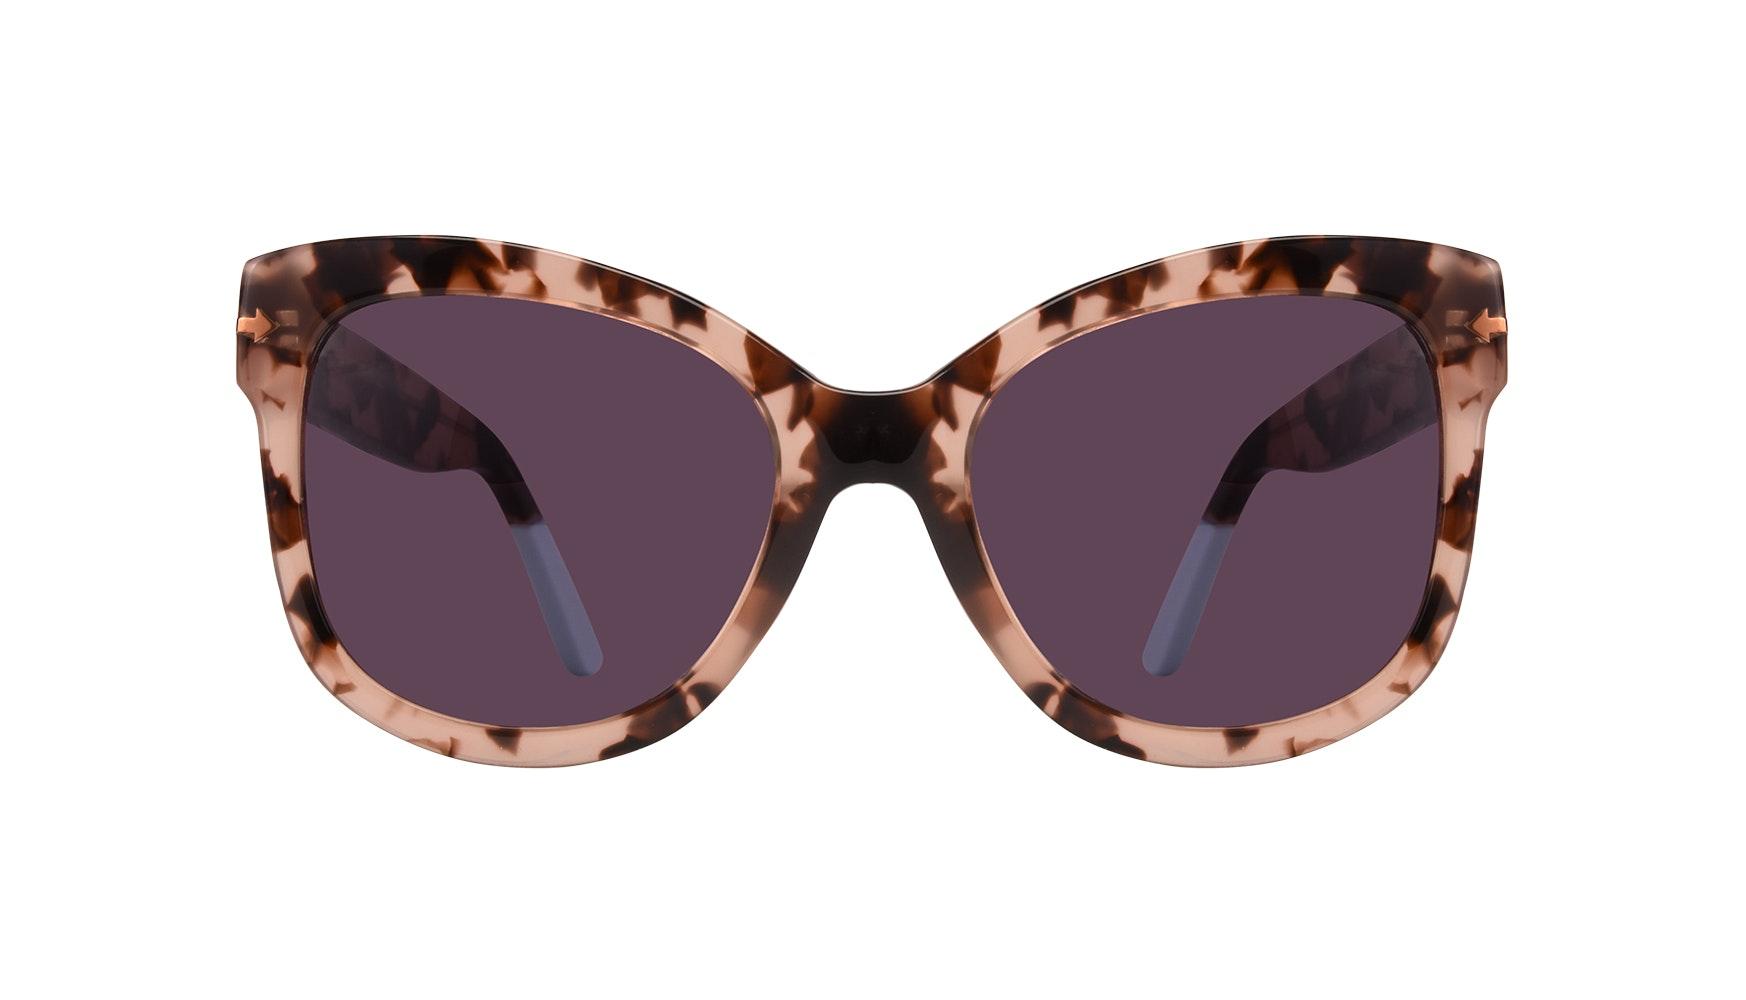 Lunettes tendance Oeil de chat Carrée Lunettes solaires Femmes Marlo Coastal